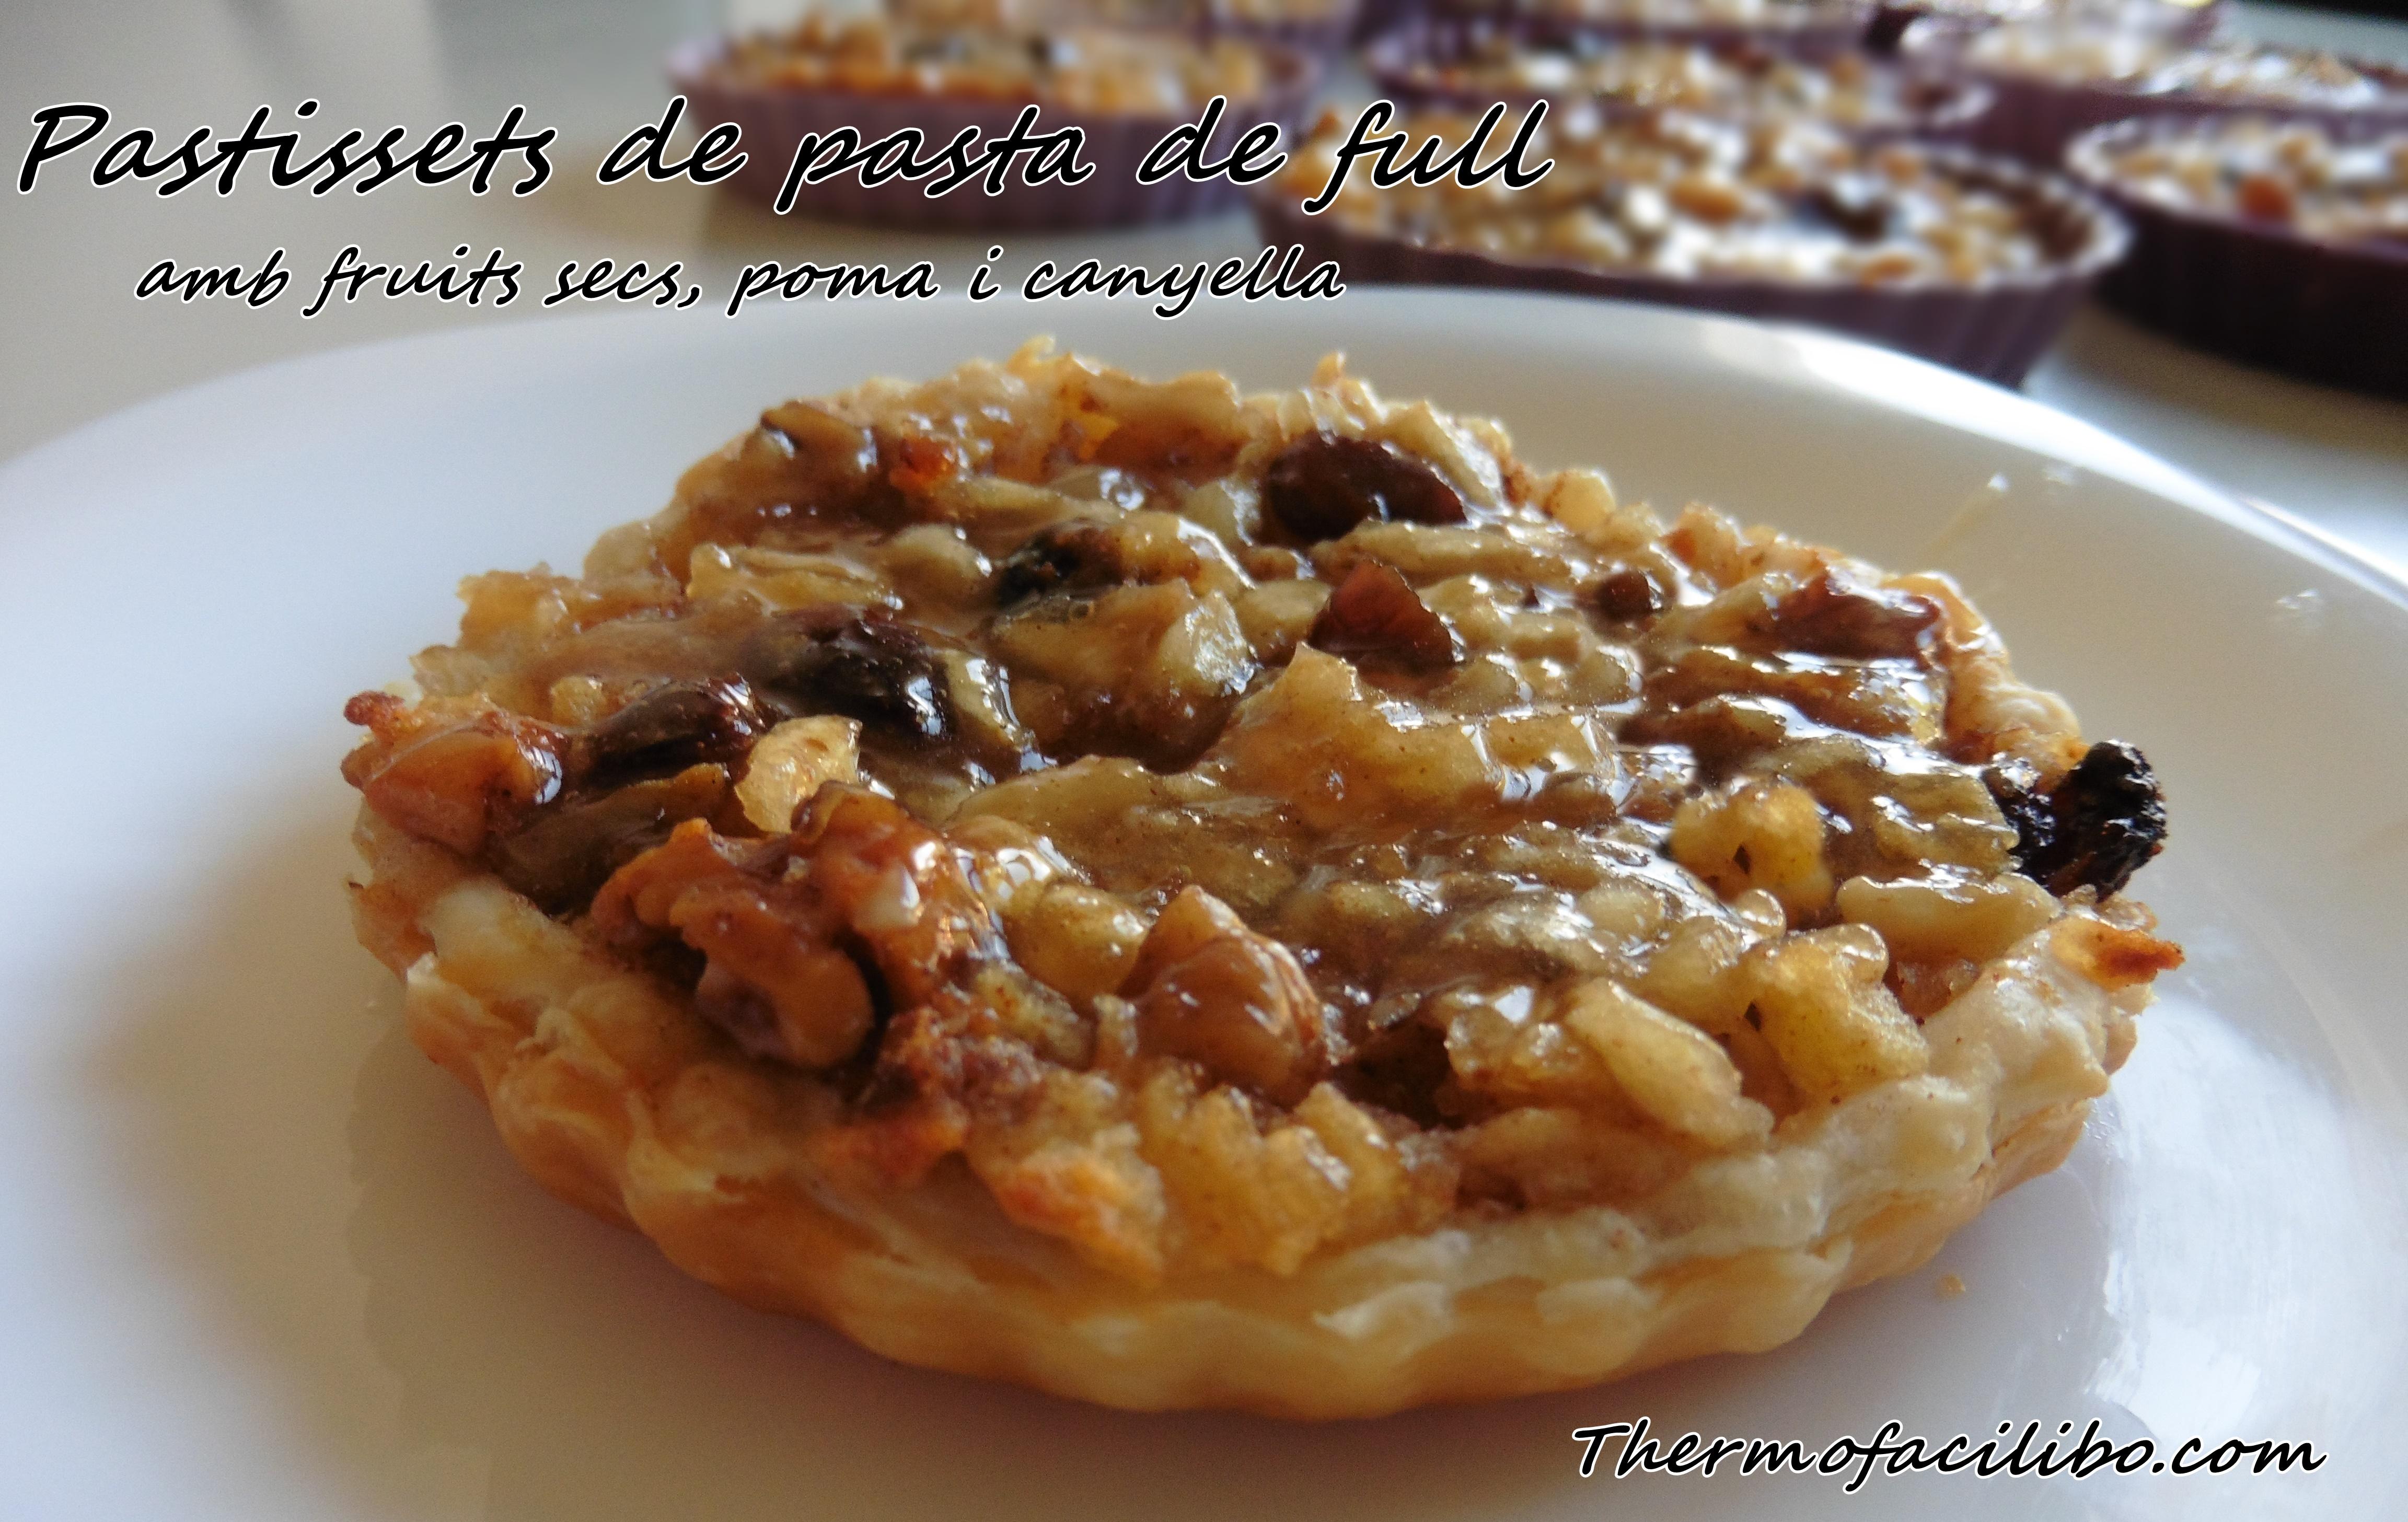 pastissets-de-fruits-secs-poma-i-canyella-3